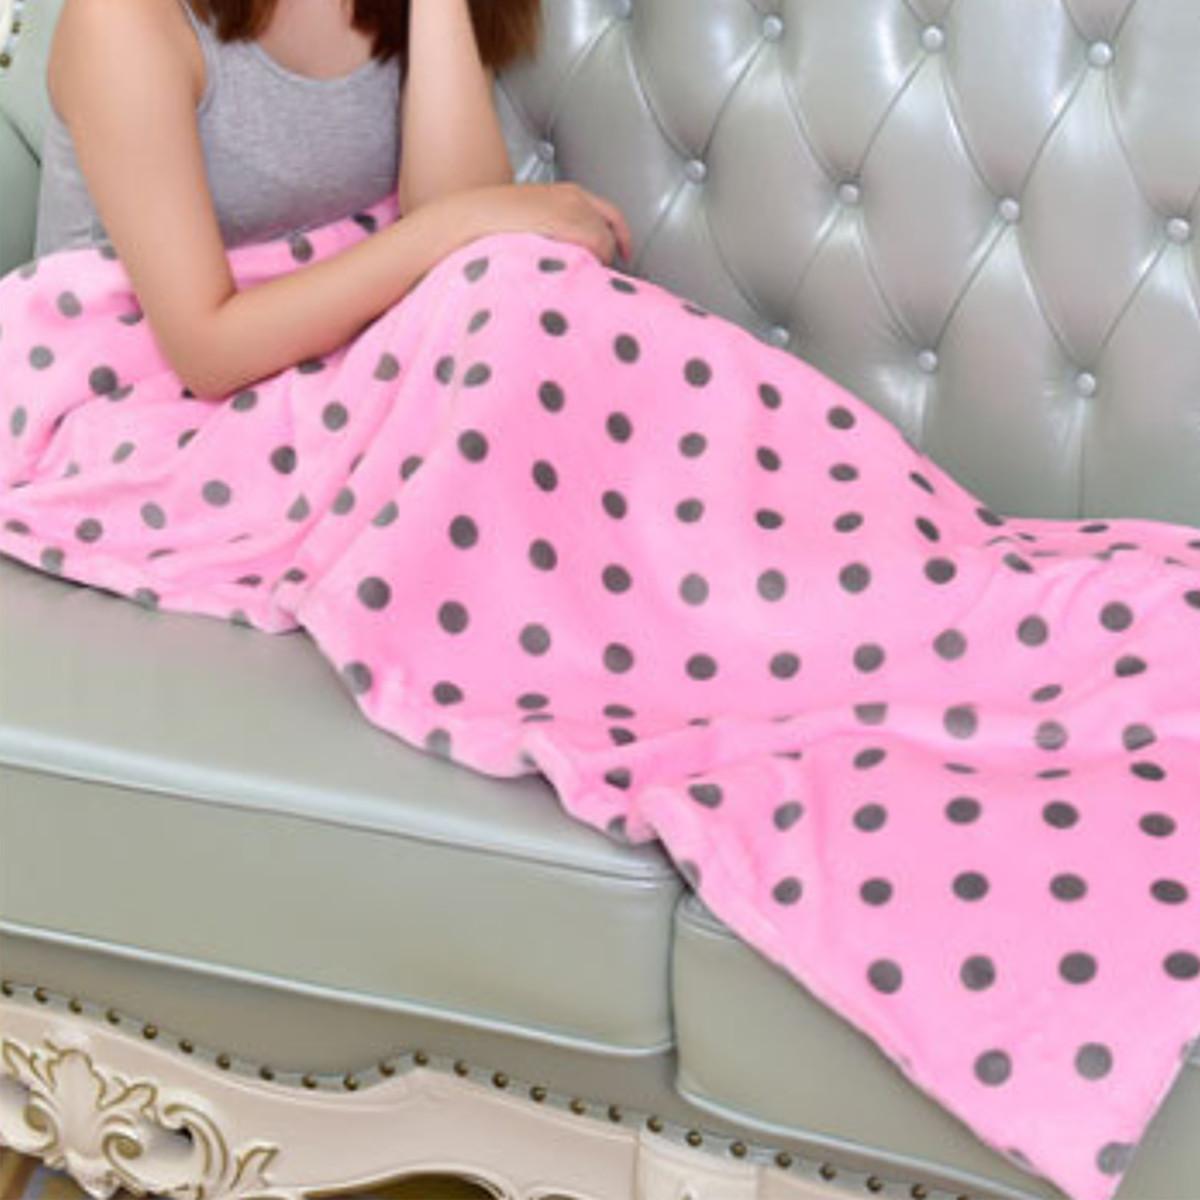 80x50см USB электрический Нагреватель согревающие одеяла отопления коврик с подогревом съемный домашний офис зимой тепло - фото 5